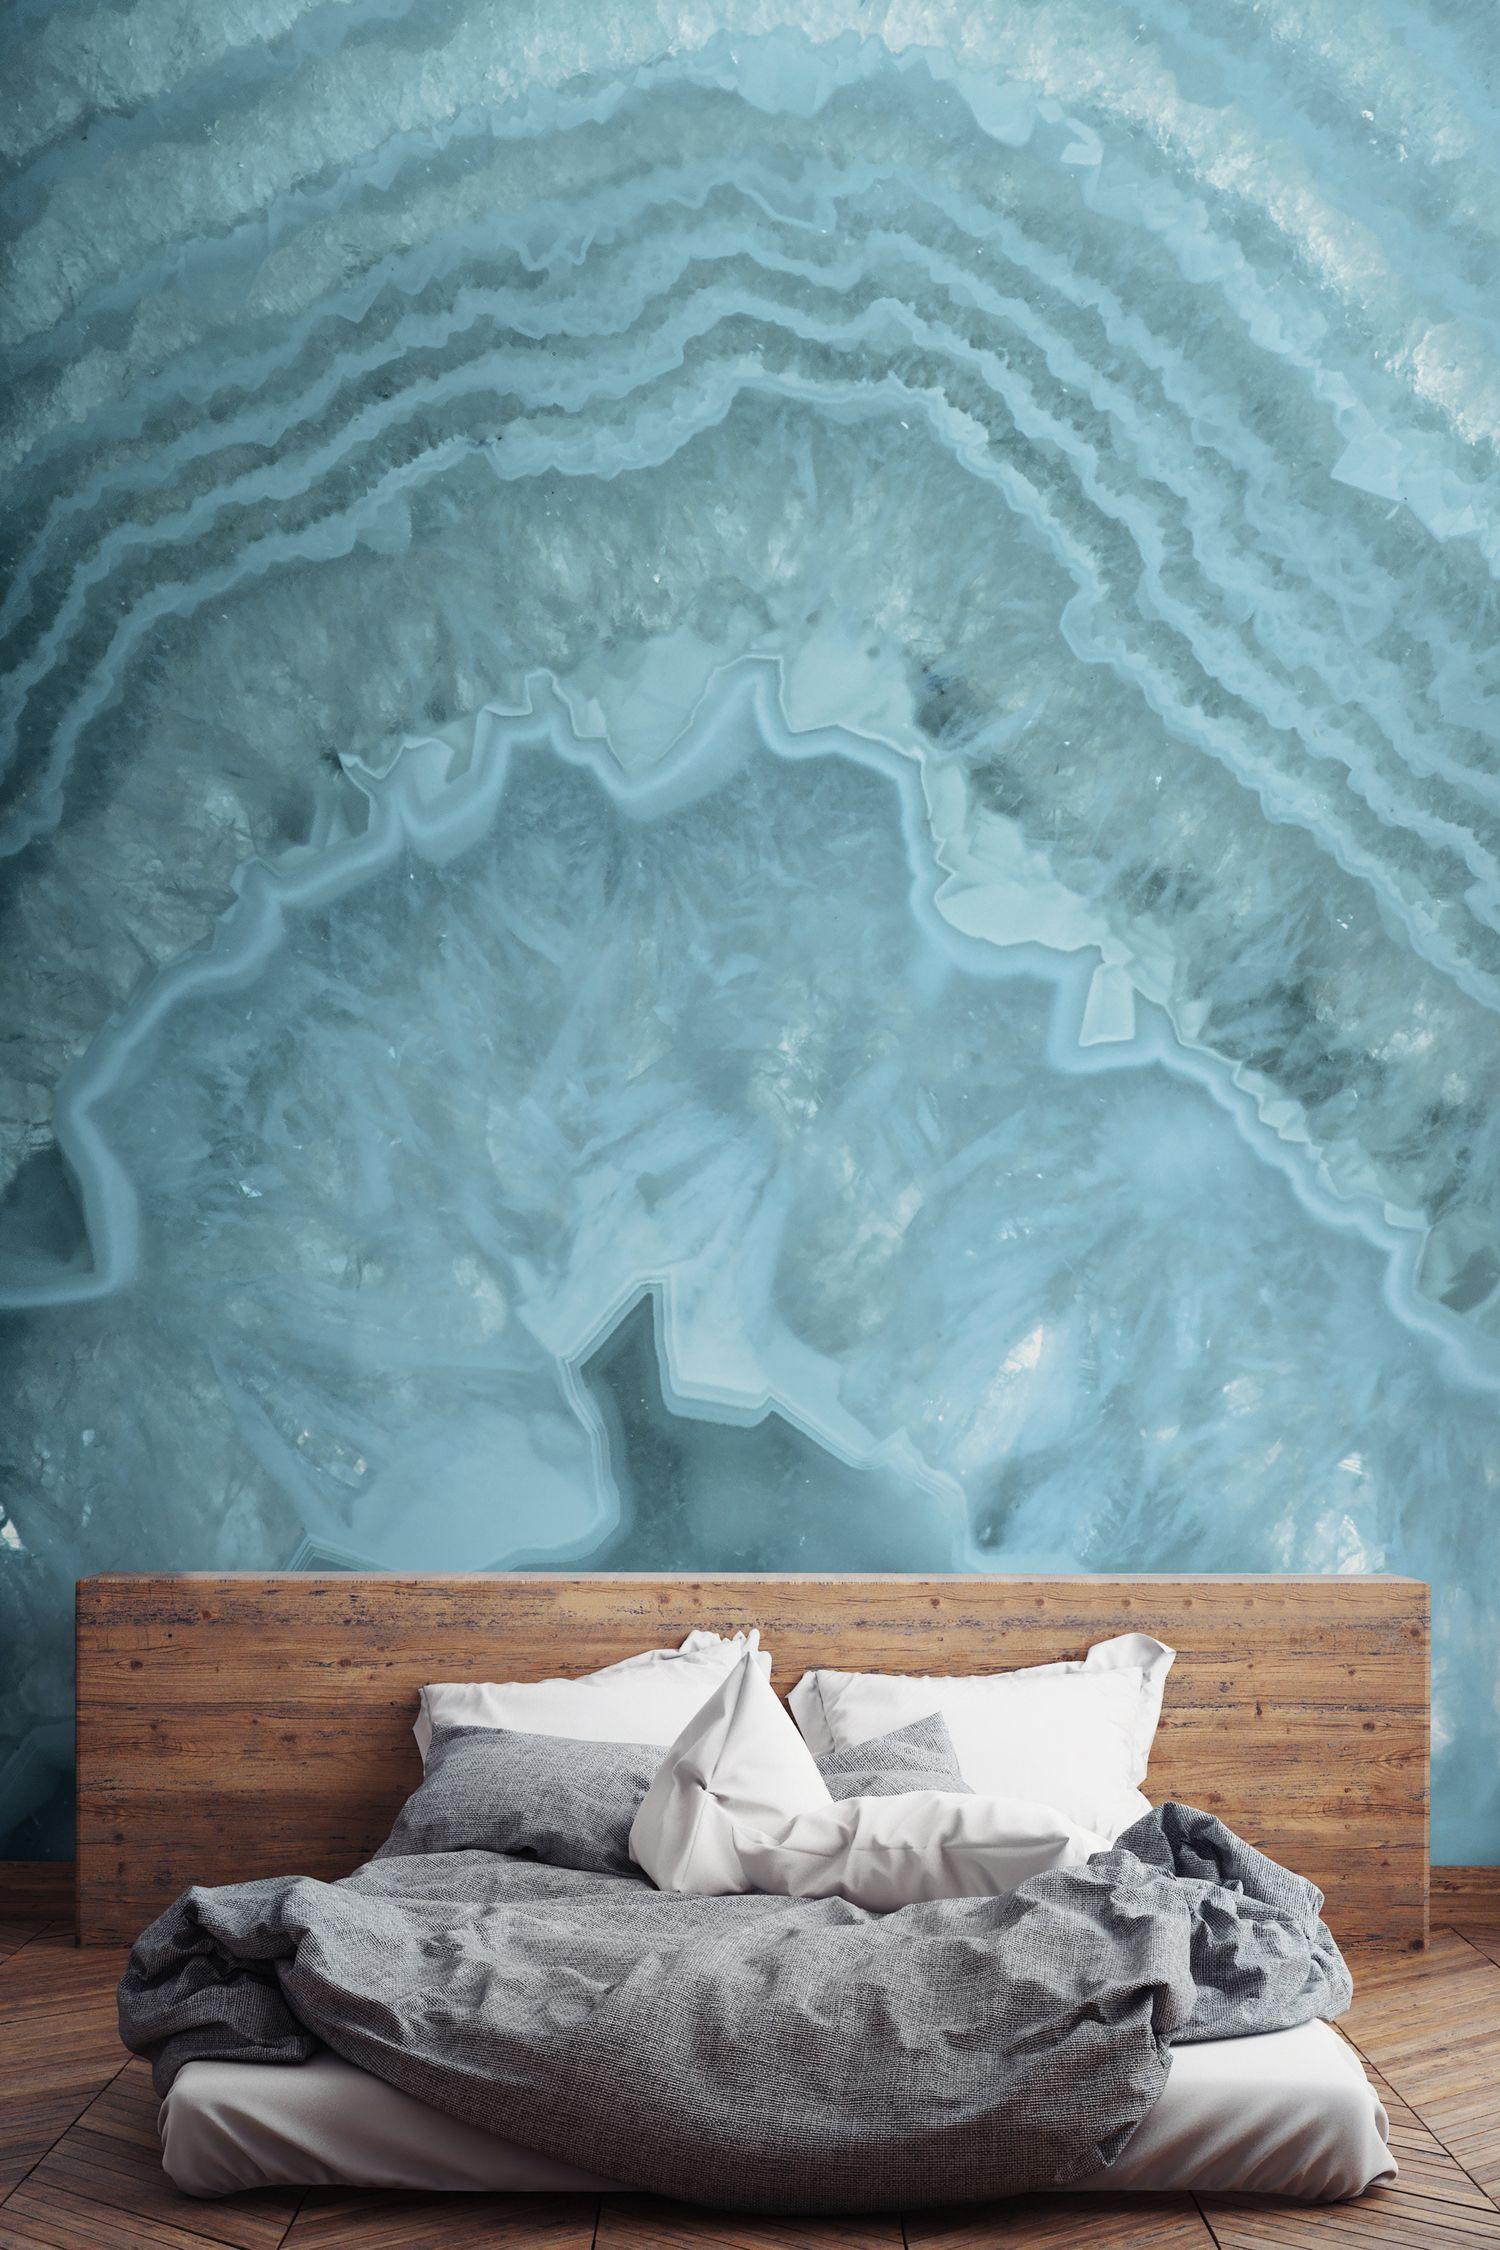 Best Grandidierite Crystal Wall Mural Bedroom Wall Bedroom 400 x 300